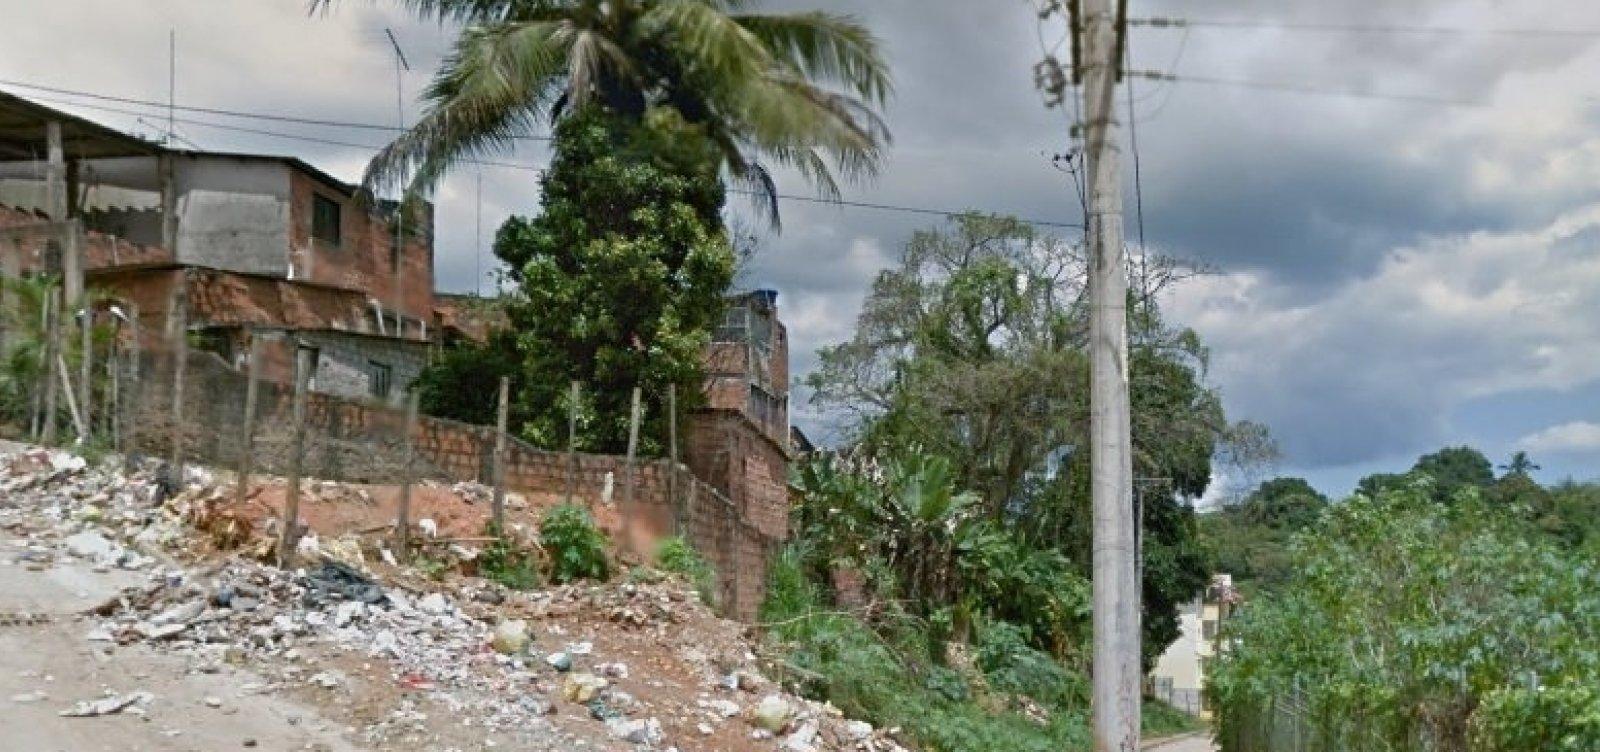 Imóvel de três andares desaba em Pirajá